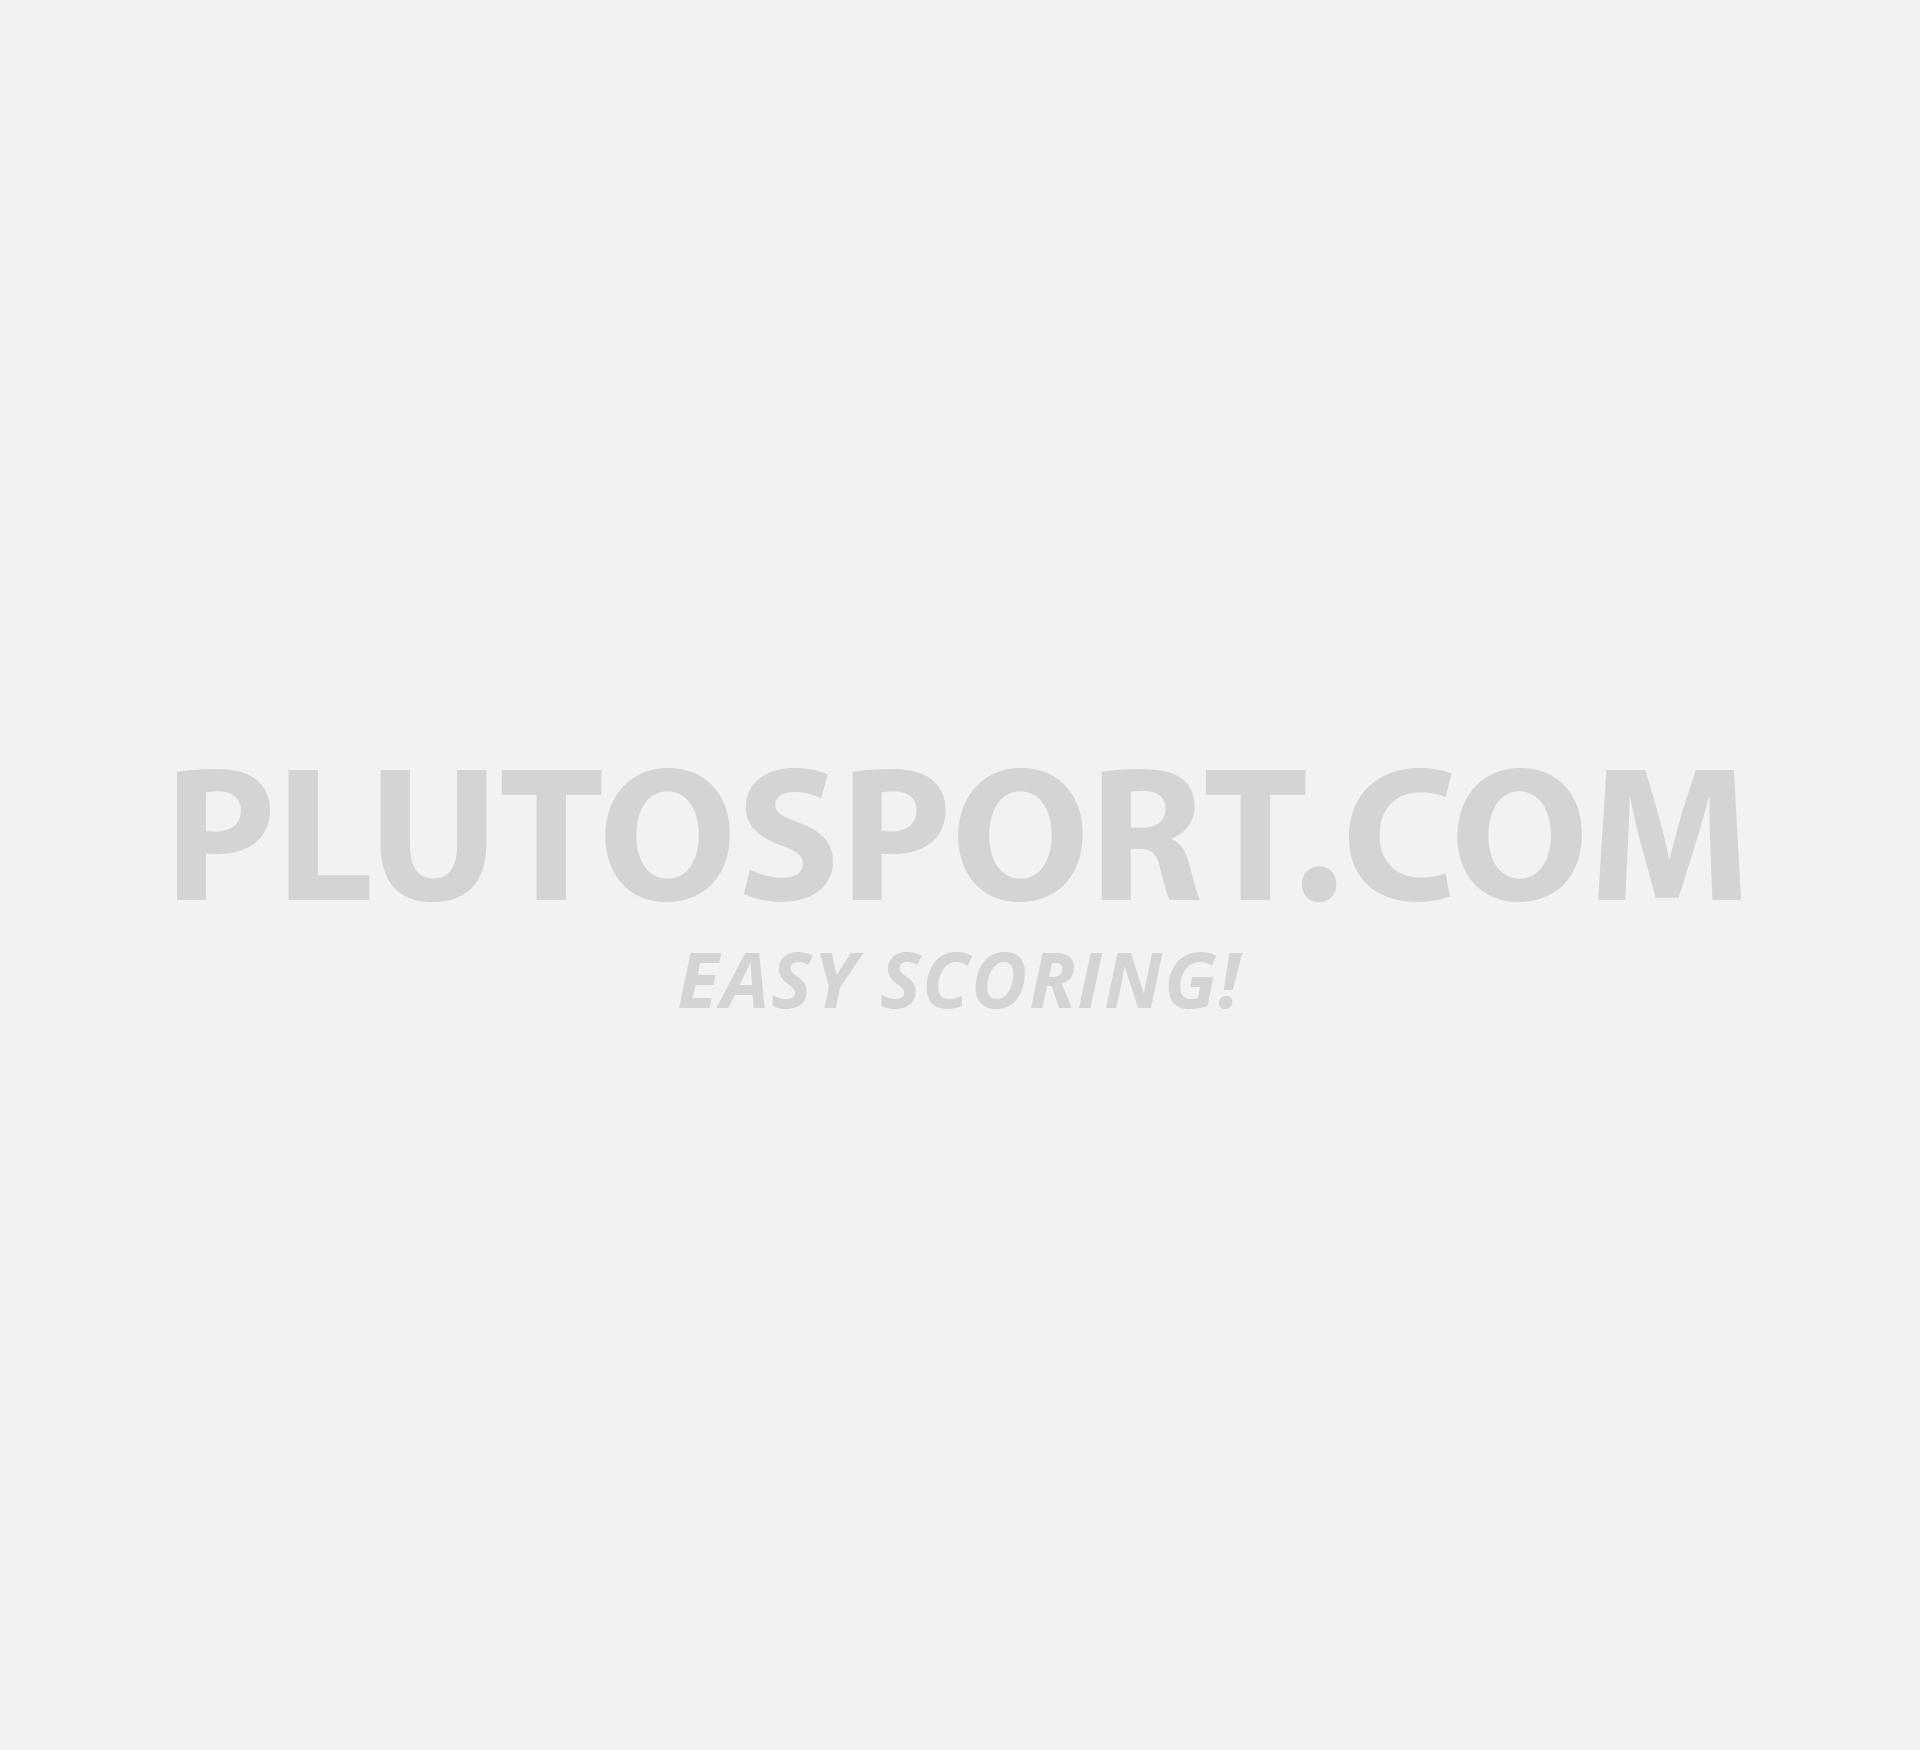 05d807deea11 http   www.carlottacrivellone.com lotta.asp p id 2015-adidas ...